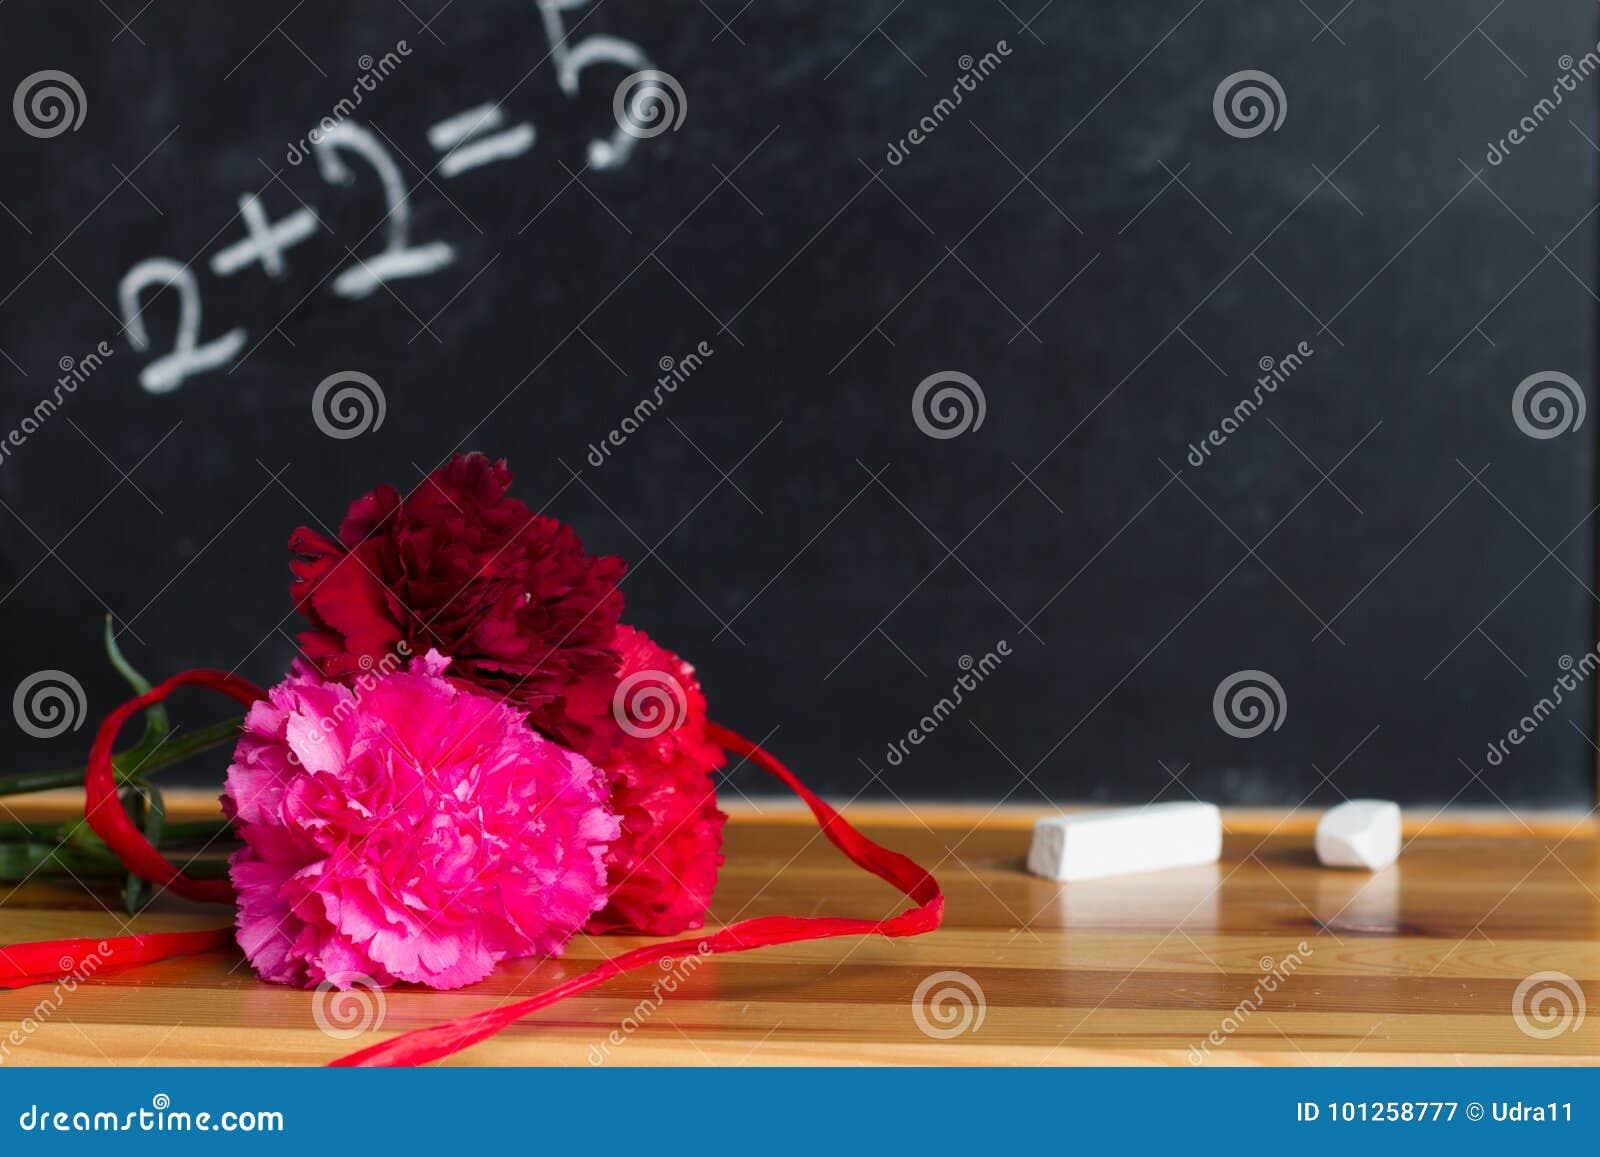 Kwiaty i blackboard w sala lekcyjna nauczyciela dnia tła pojęciu